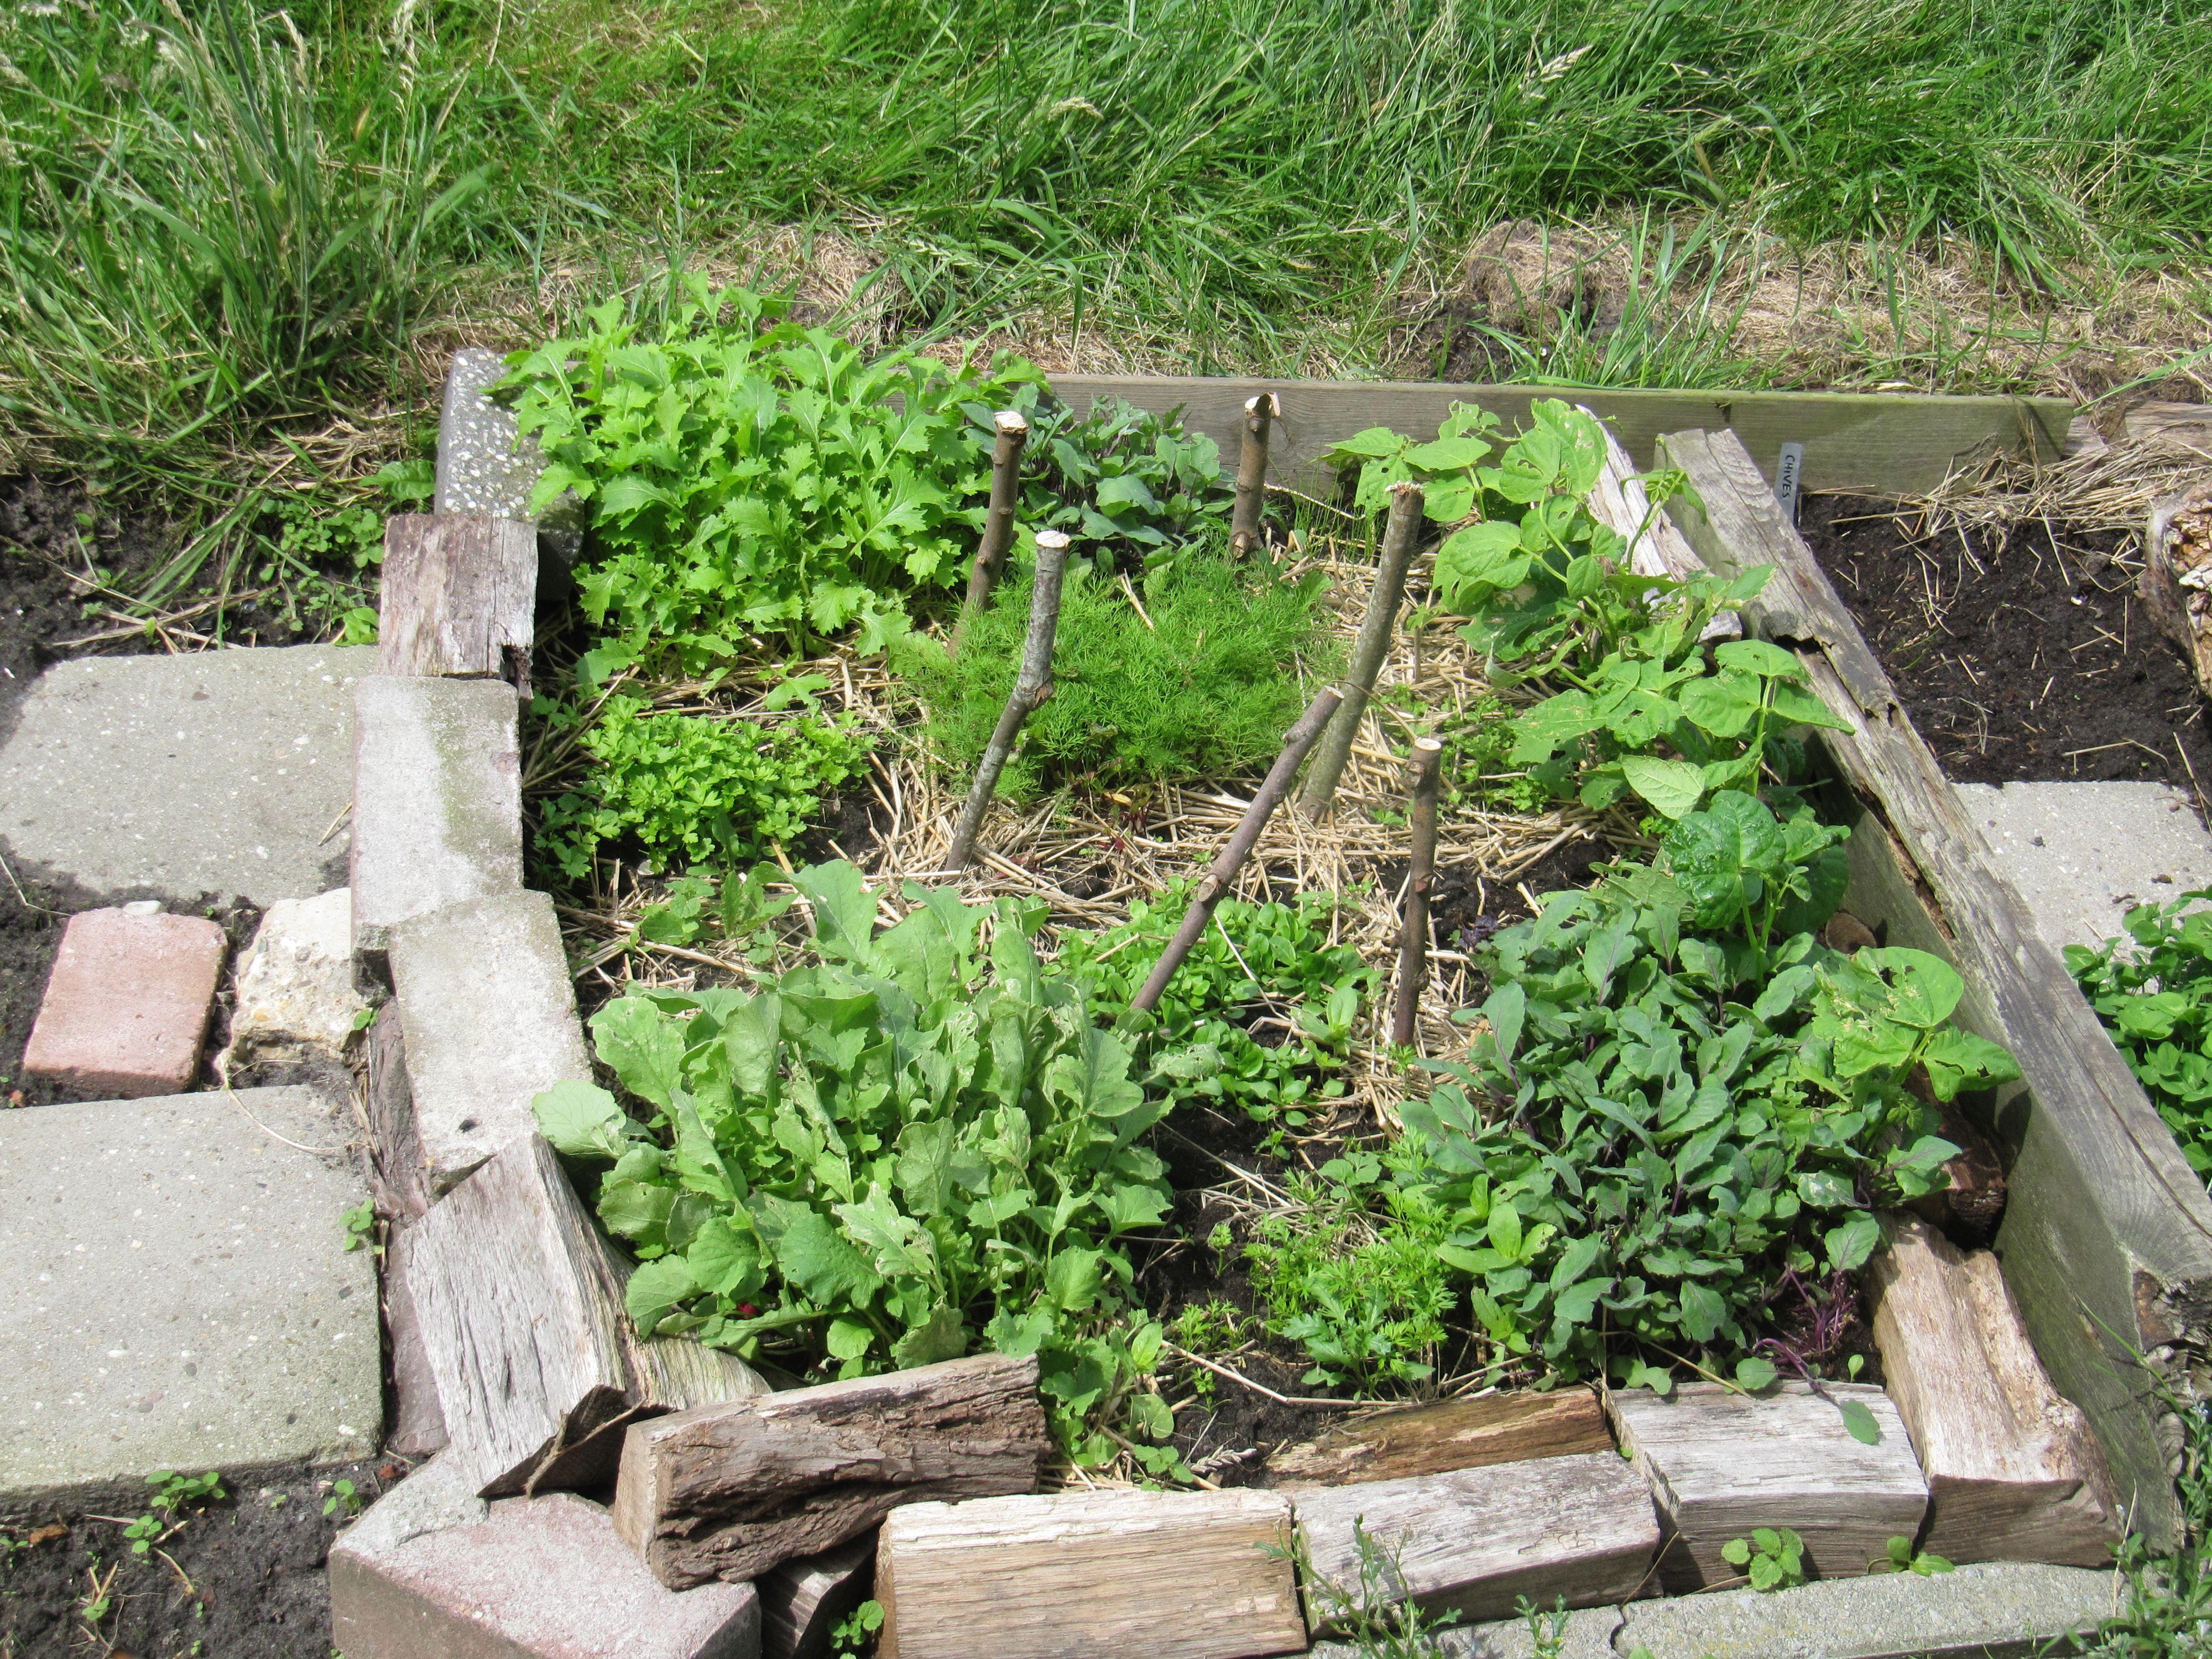 Vierkante Meter Tuin : Aanleggen van een vierkantemetertuin dcm vivimus groenten